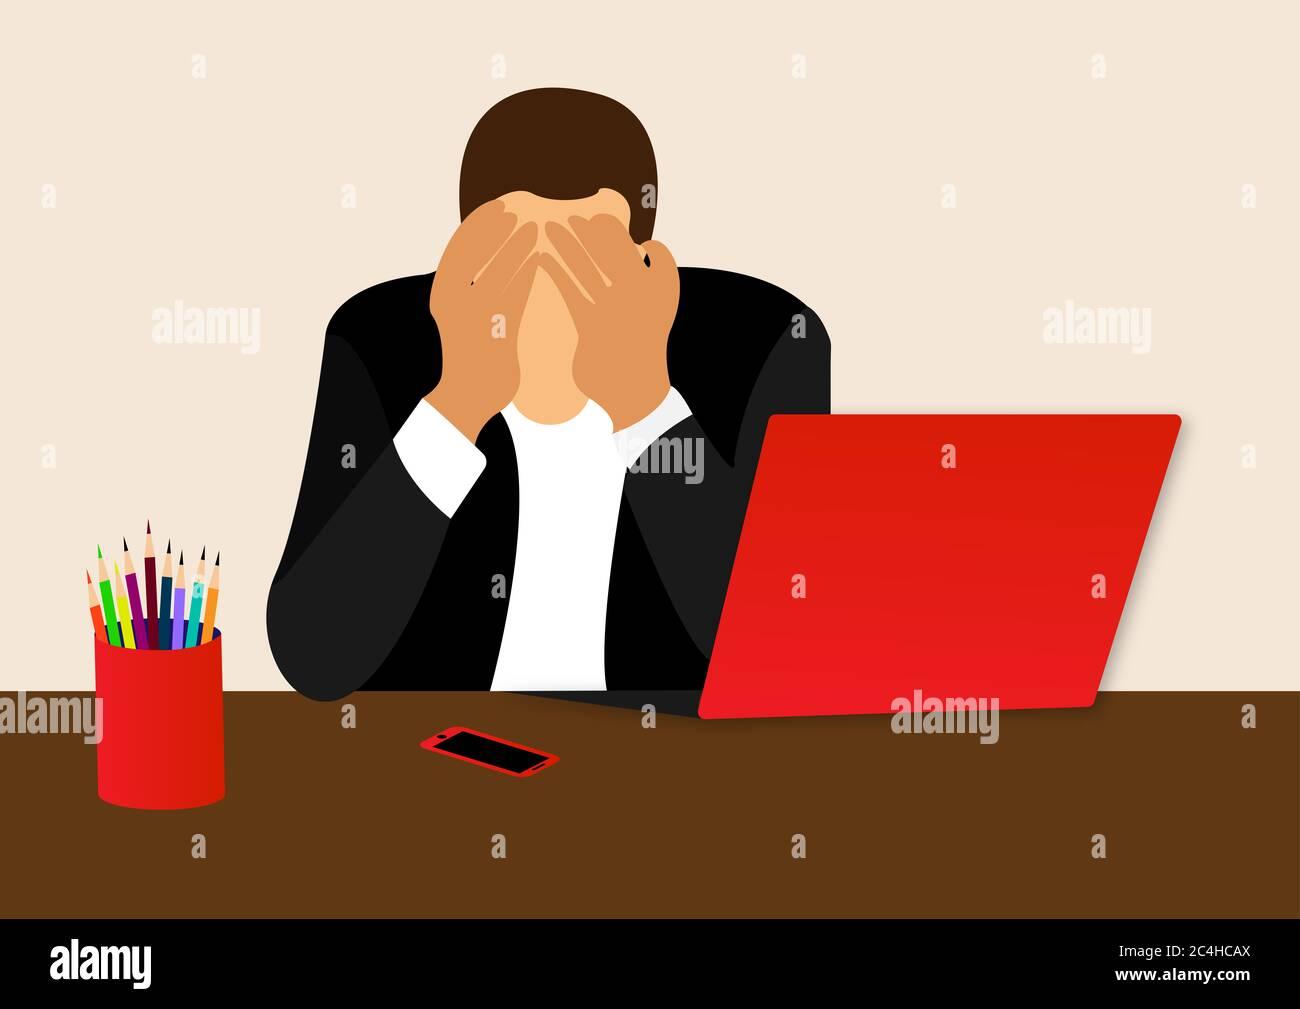 Ein junger Mann, der sich so sehr Sorgen macht, nachdem er seinen finanziellen Verlust auf dem Markt vom Laptop aus überprüft hat. Stockfoto